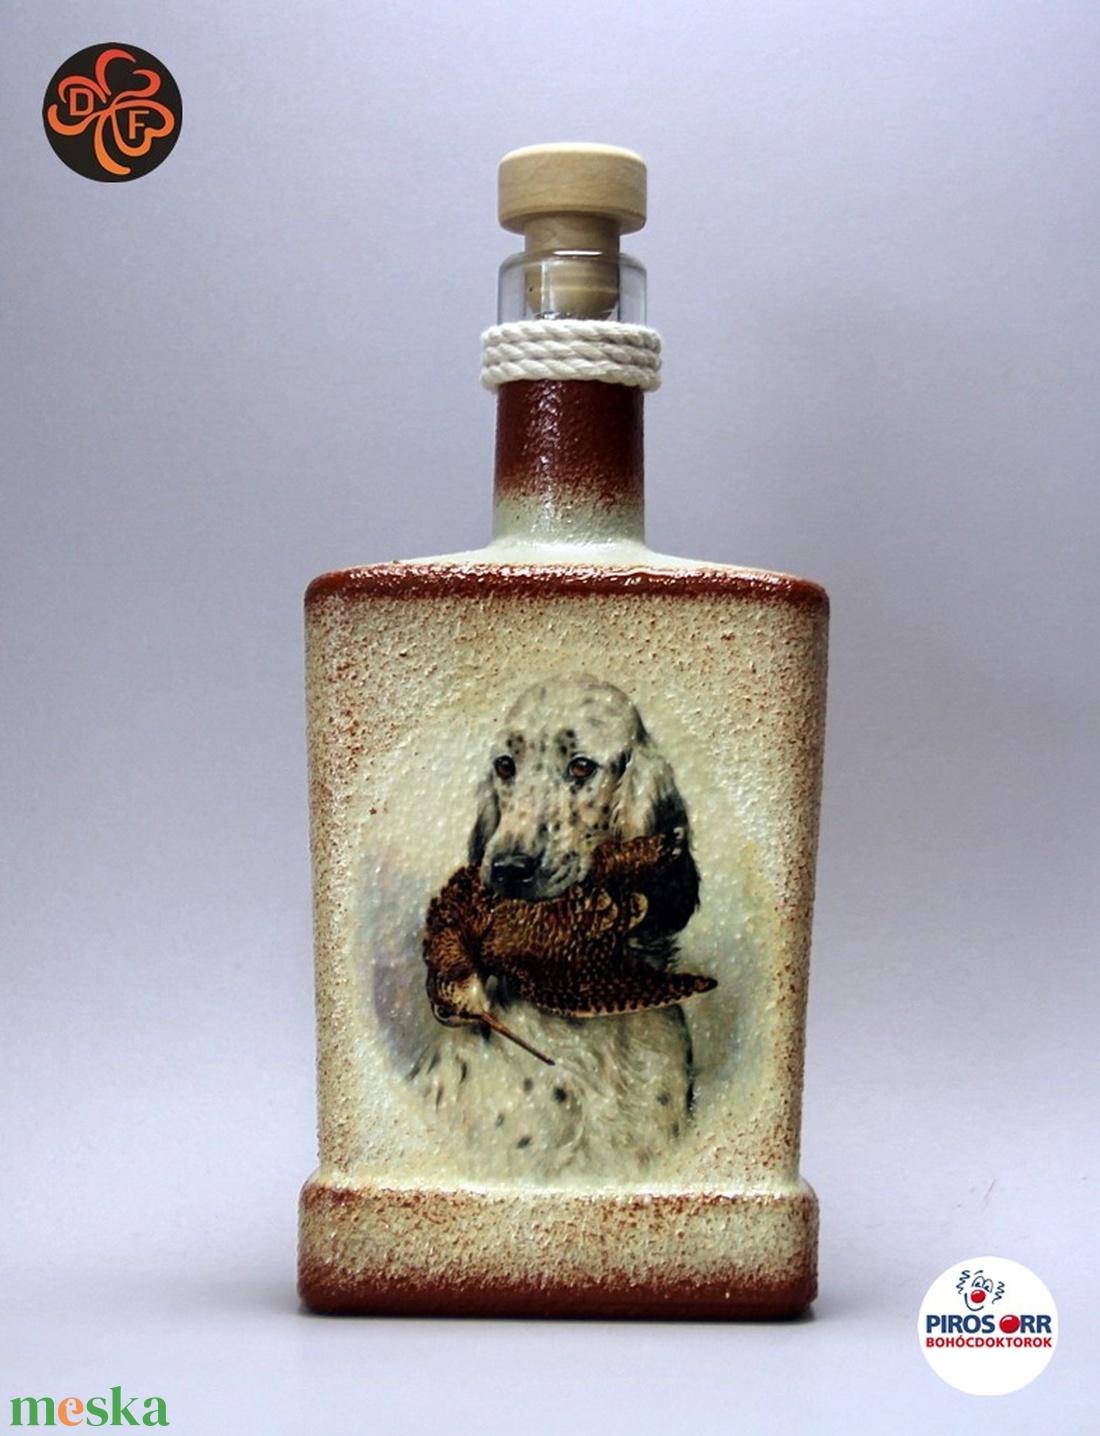 Vadászkutya motívummal (  angol szetter)  pálinkás üveg ; A vadászat szerelmeseinek ;Egyedi állat fotóval is ! (decorfantasy) - Meska.hu